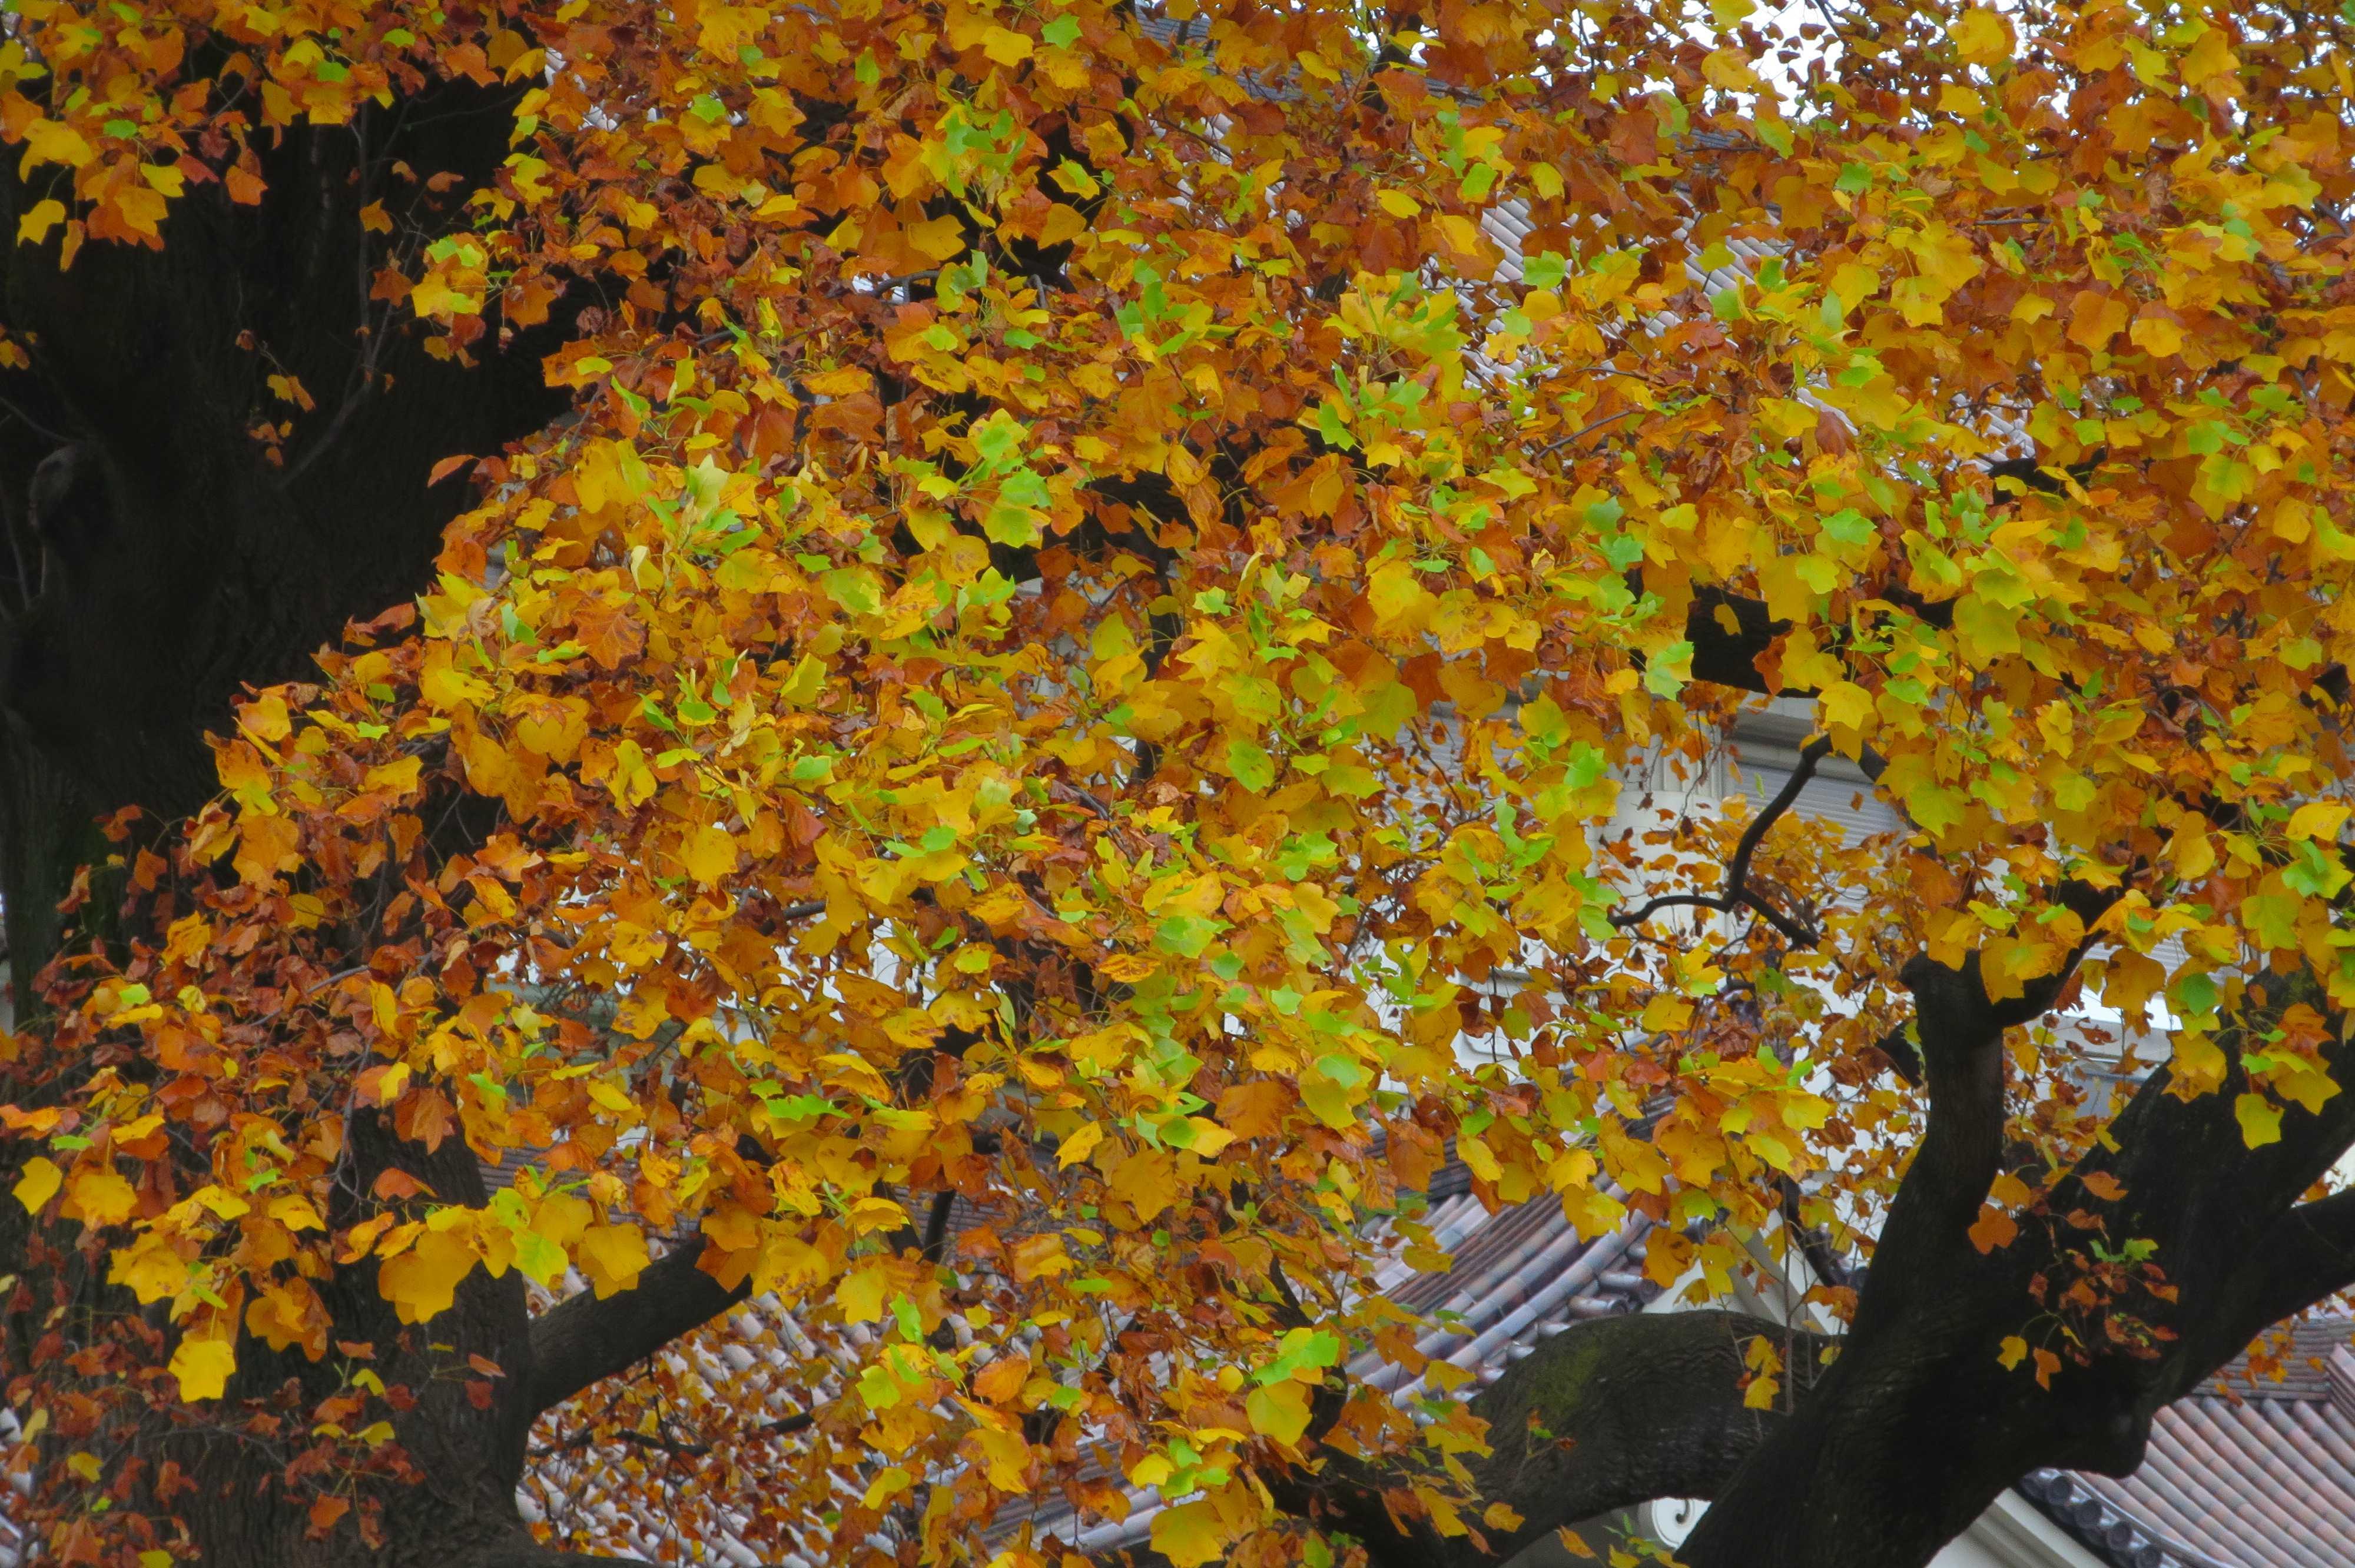 紅葉(黄葉)したユリノキの黄金色の葉っぱ